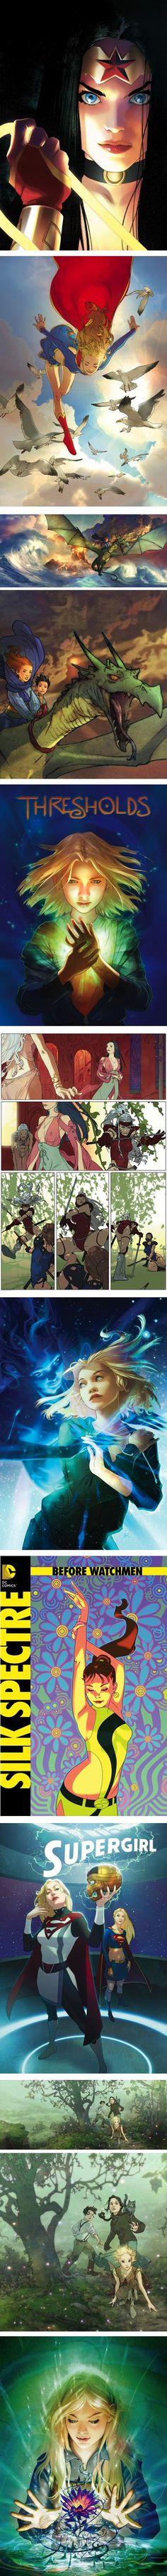 Joshua Middleton, comics, covers, illustration